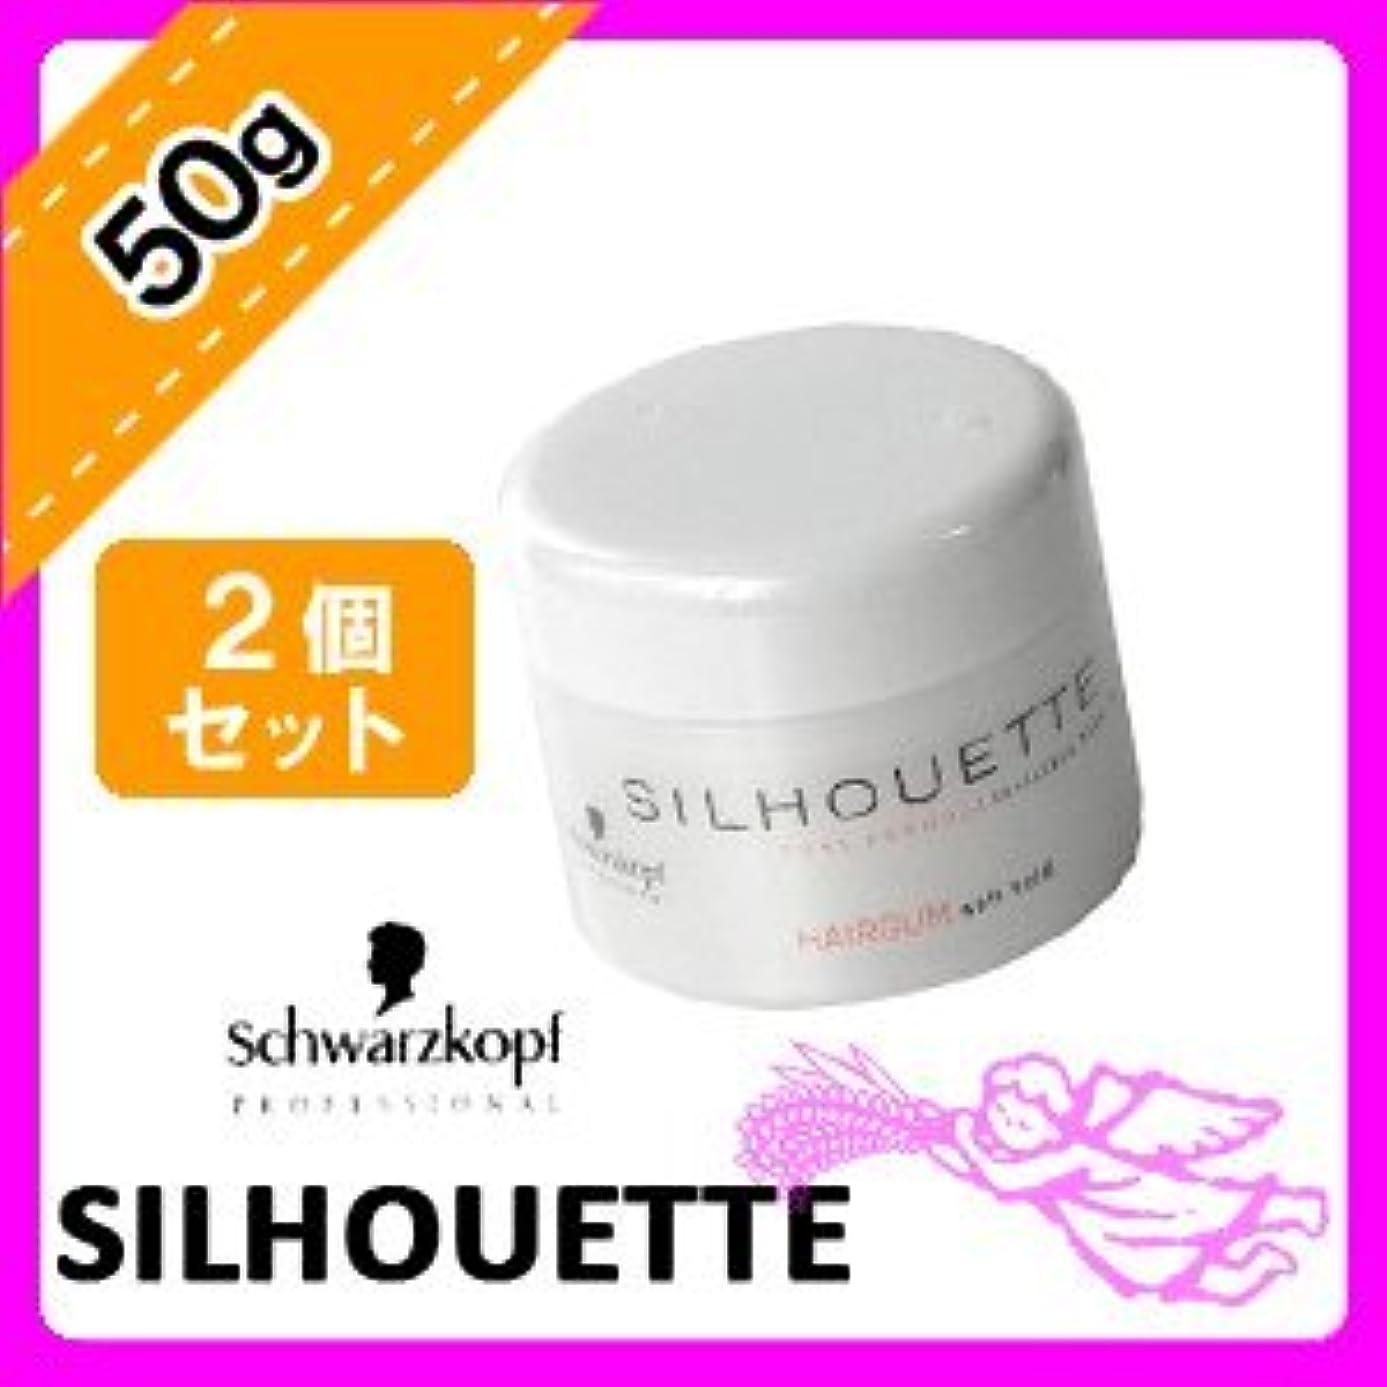 最大空虚バケツシュワルツコフ シルエット ハードワックス 50g ×2個セット Schwarzkopf SILHOUTTE